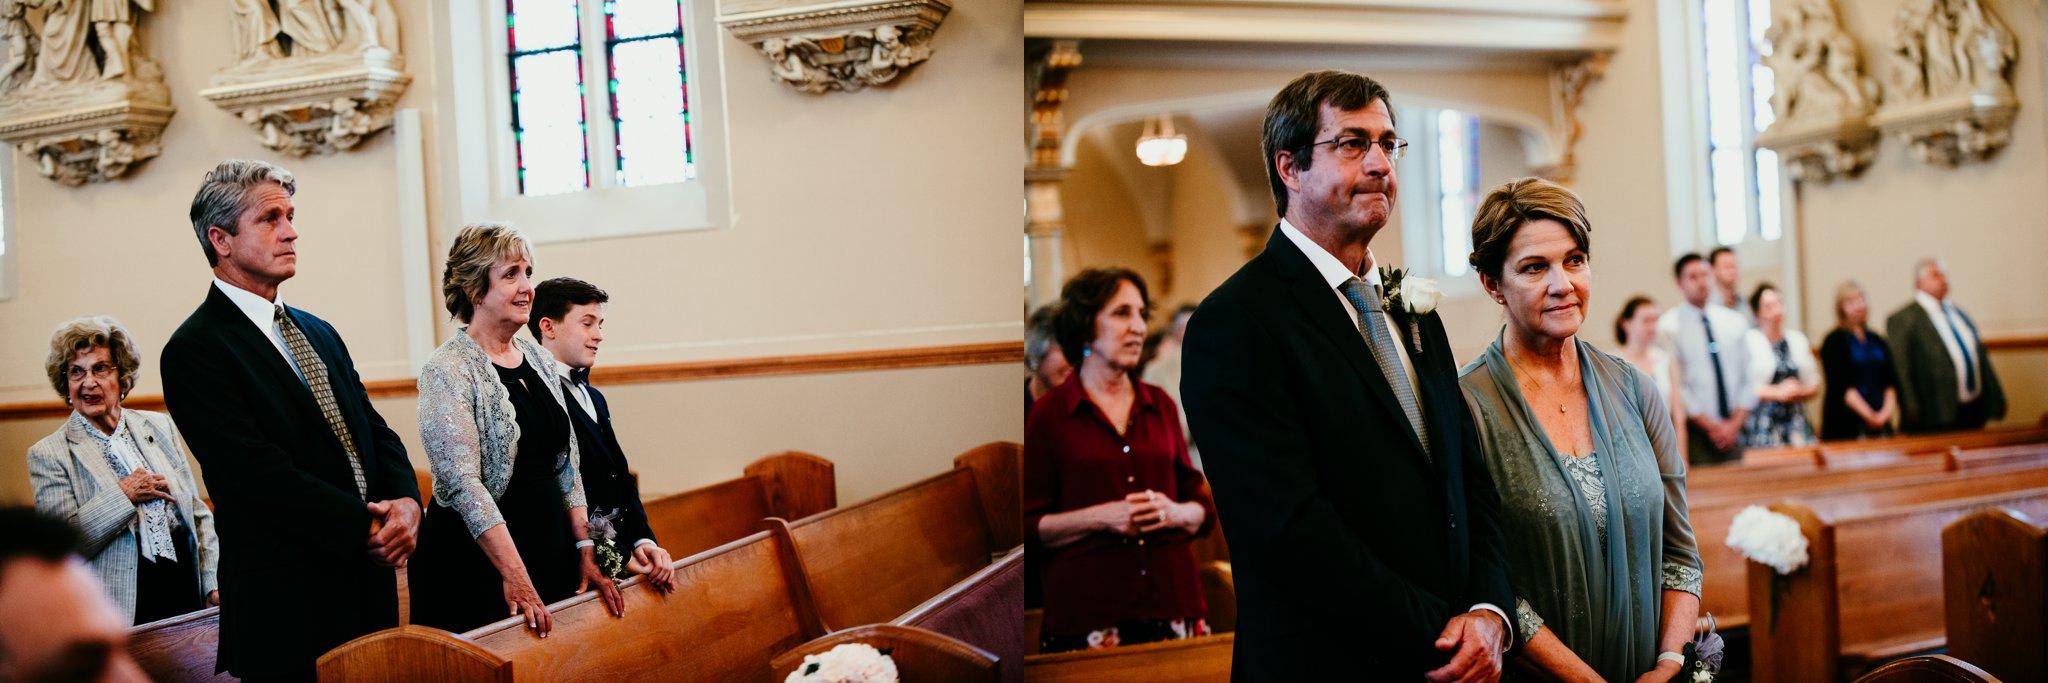 Catholic Latin Wedding Mass